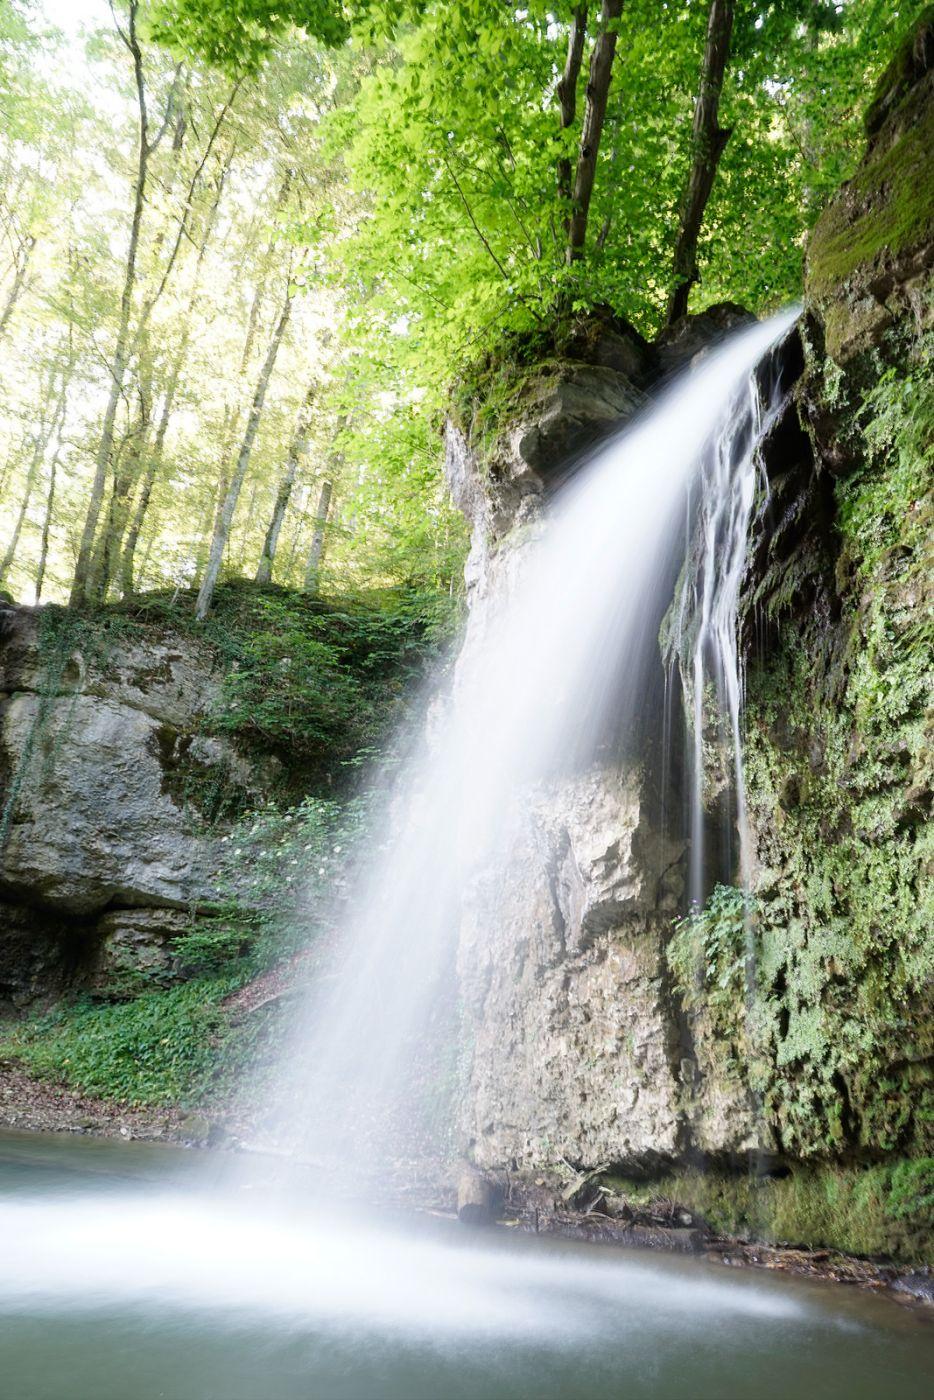 Wasserfall Giessen, Switzerland